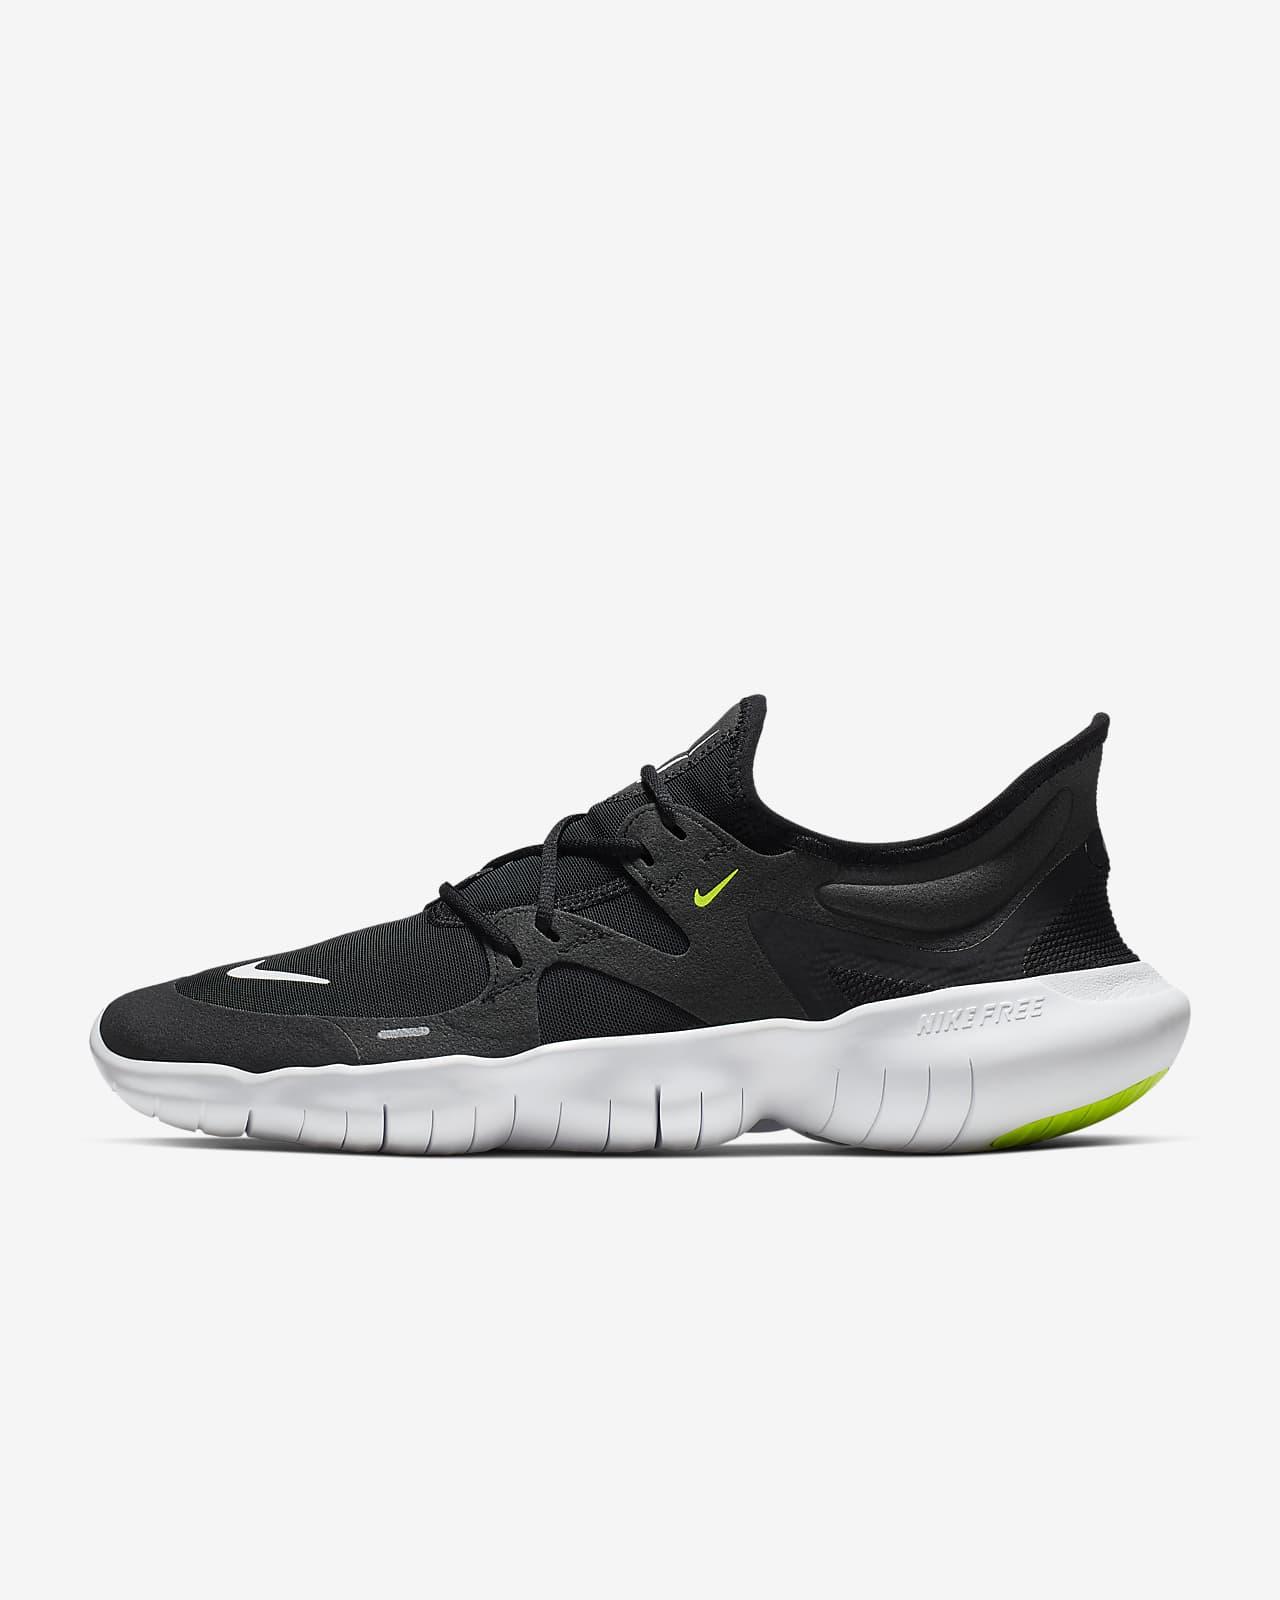 Nike Free RN 5.0 Men's Running Shoe